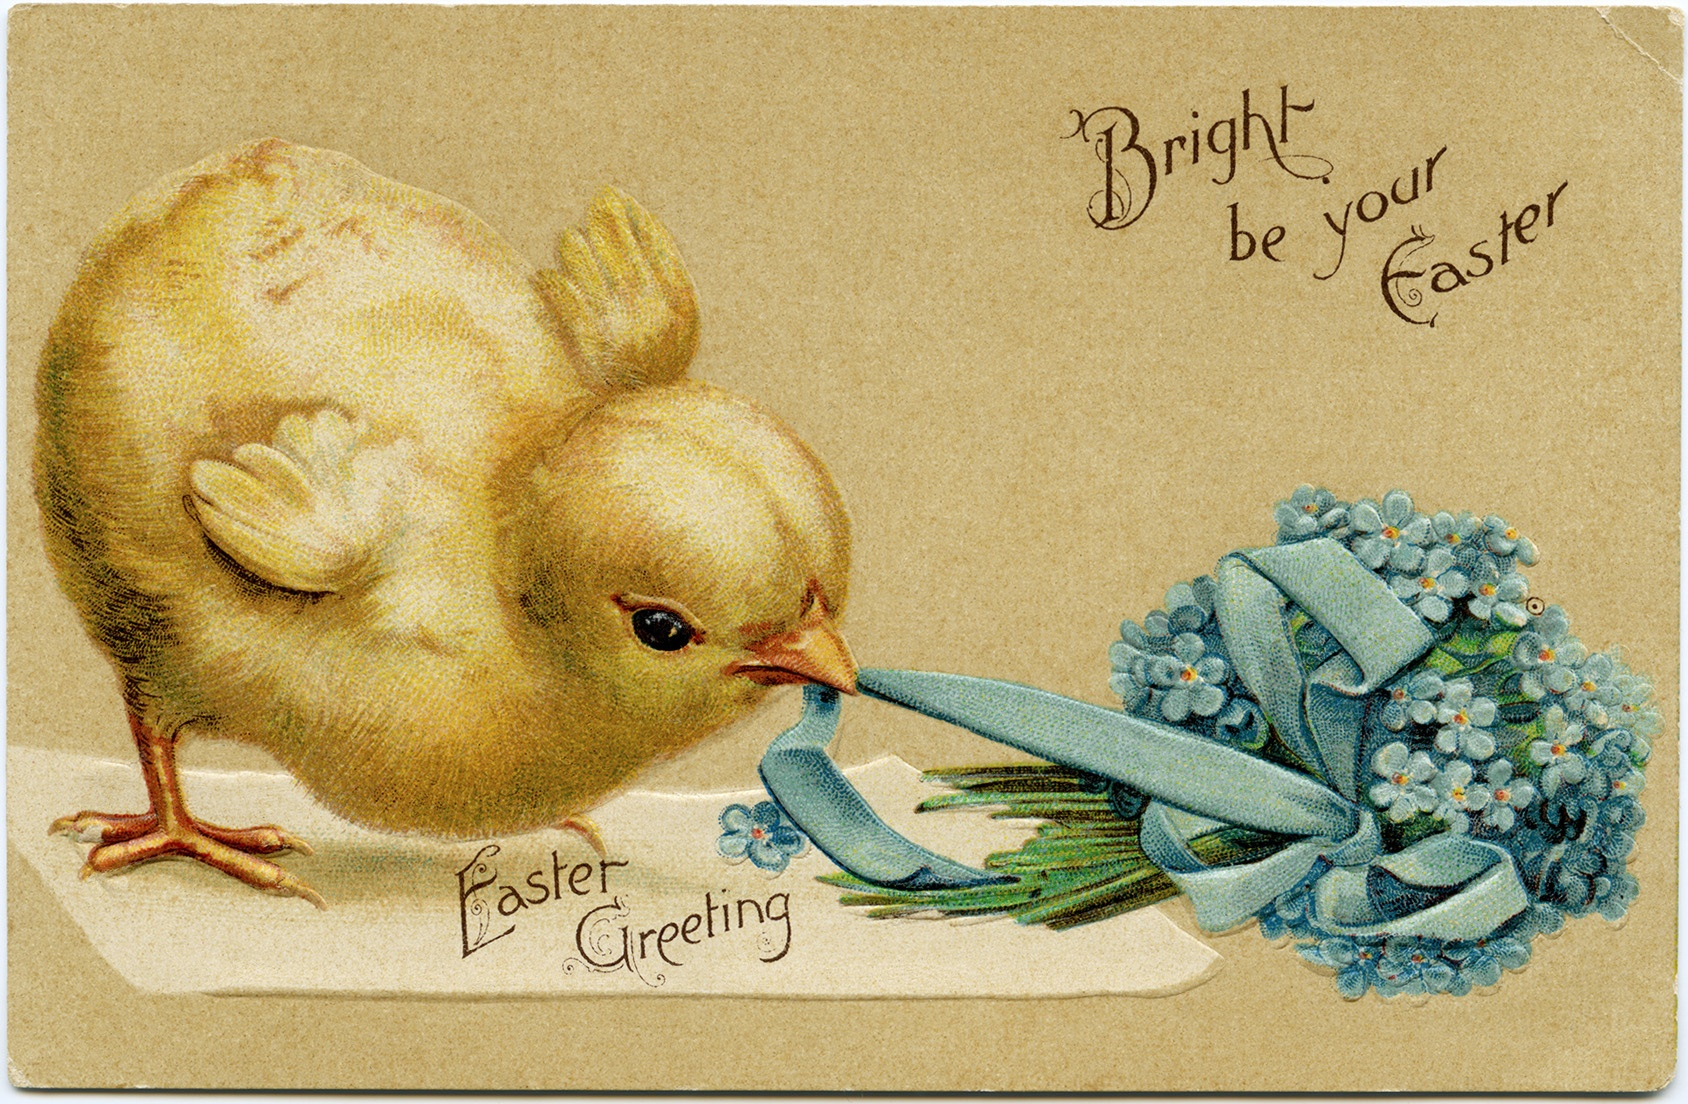 Easter Archives - Page 2 Of 3 - Old Design Shop Blog - Free Printable Vintage Easter Images